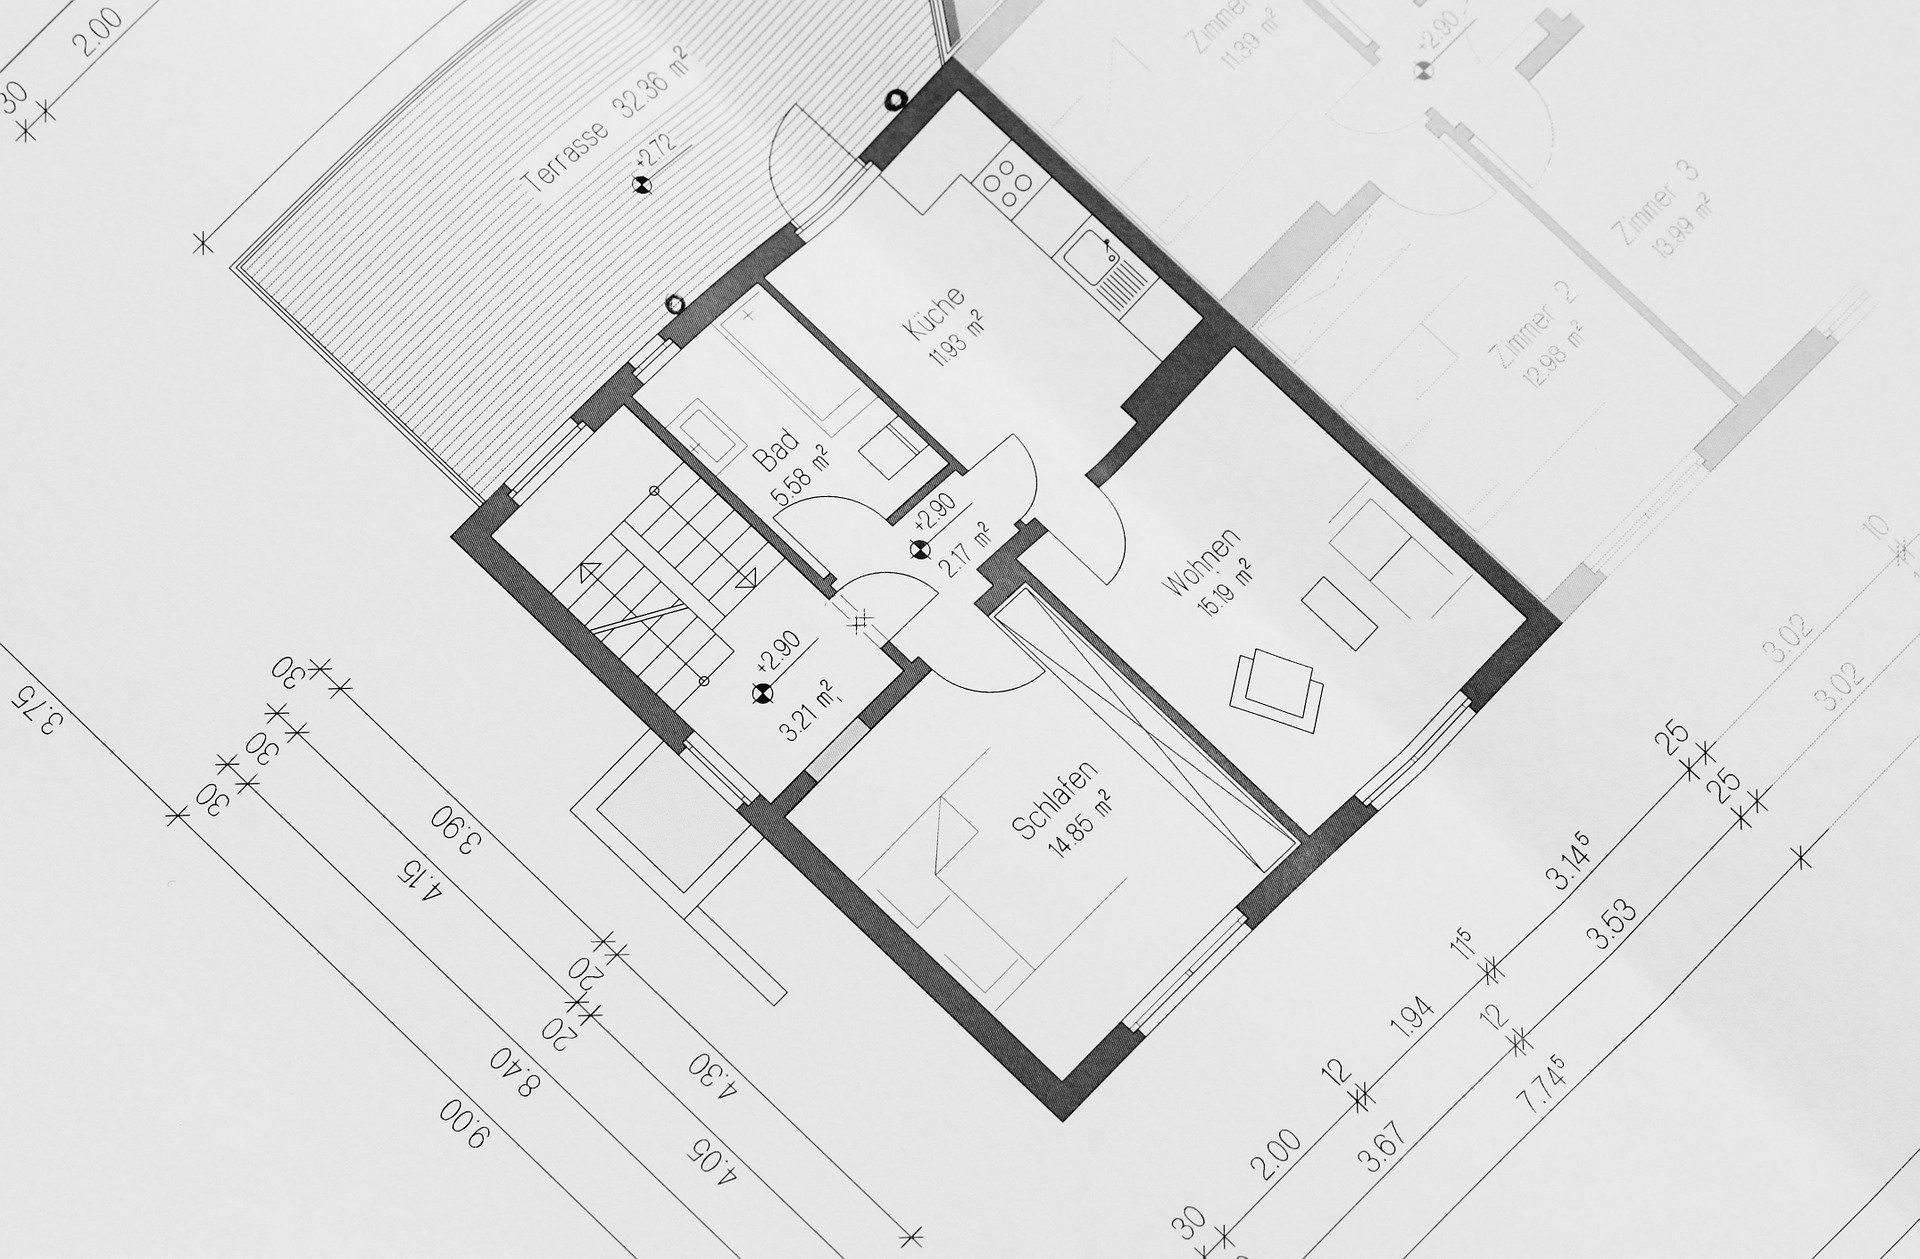 Метраж «ипотечных» квартир вырос по сравнению с 2020 годом - фото 1